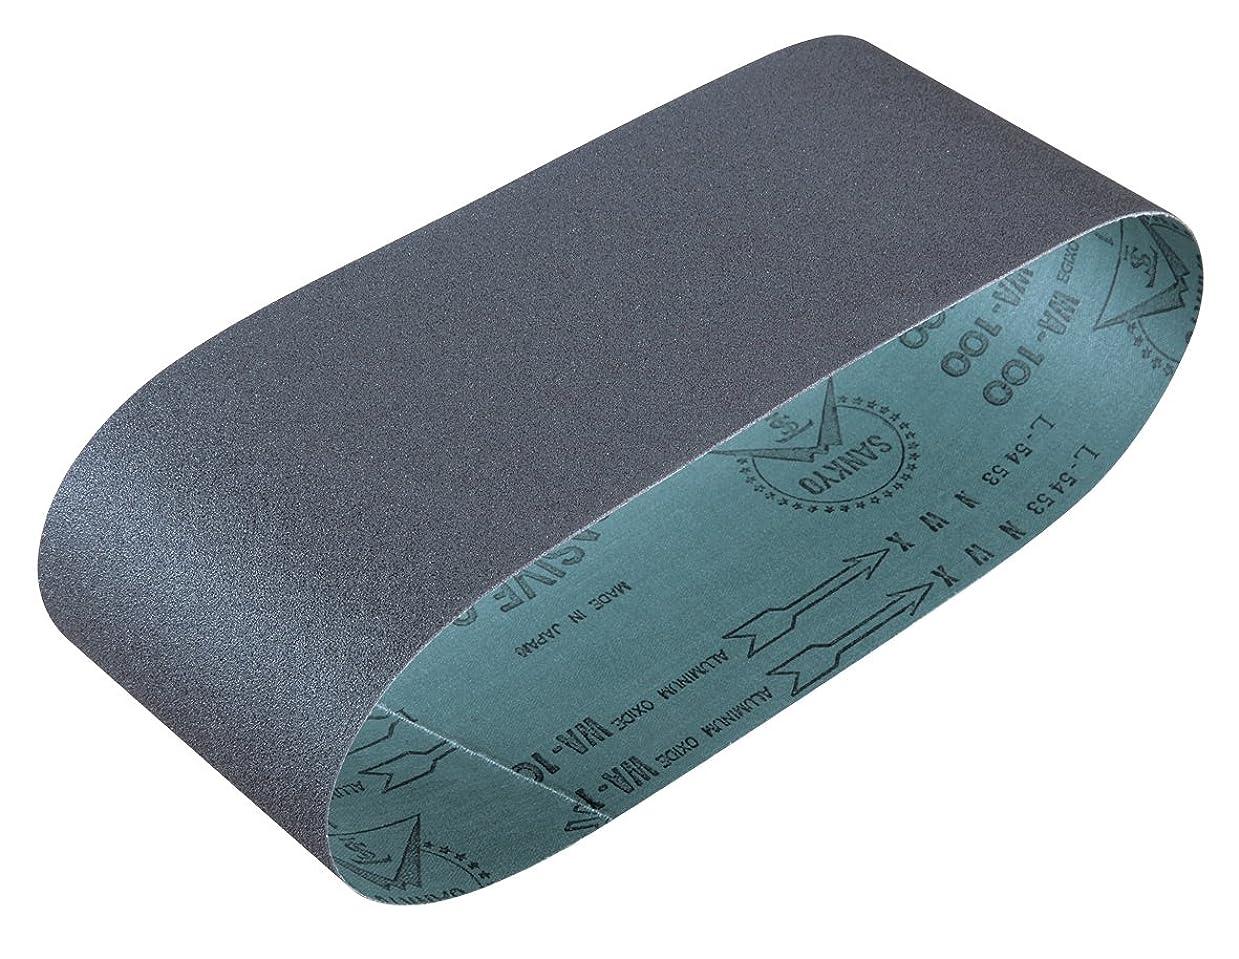 識字もし接続詞マキタ(Makita) サンディングベルト #120 100×610mm 木工用 (5枚入) A-24197